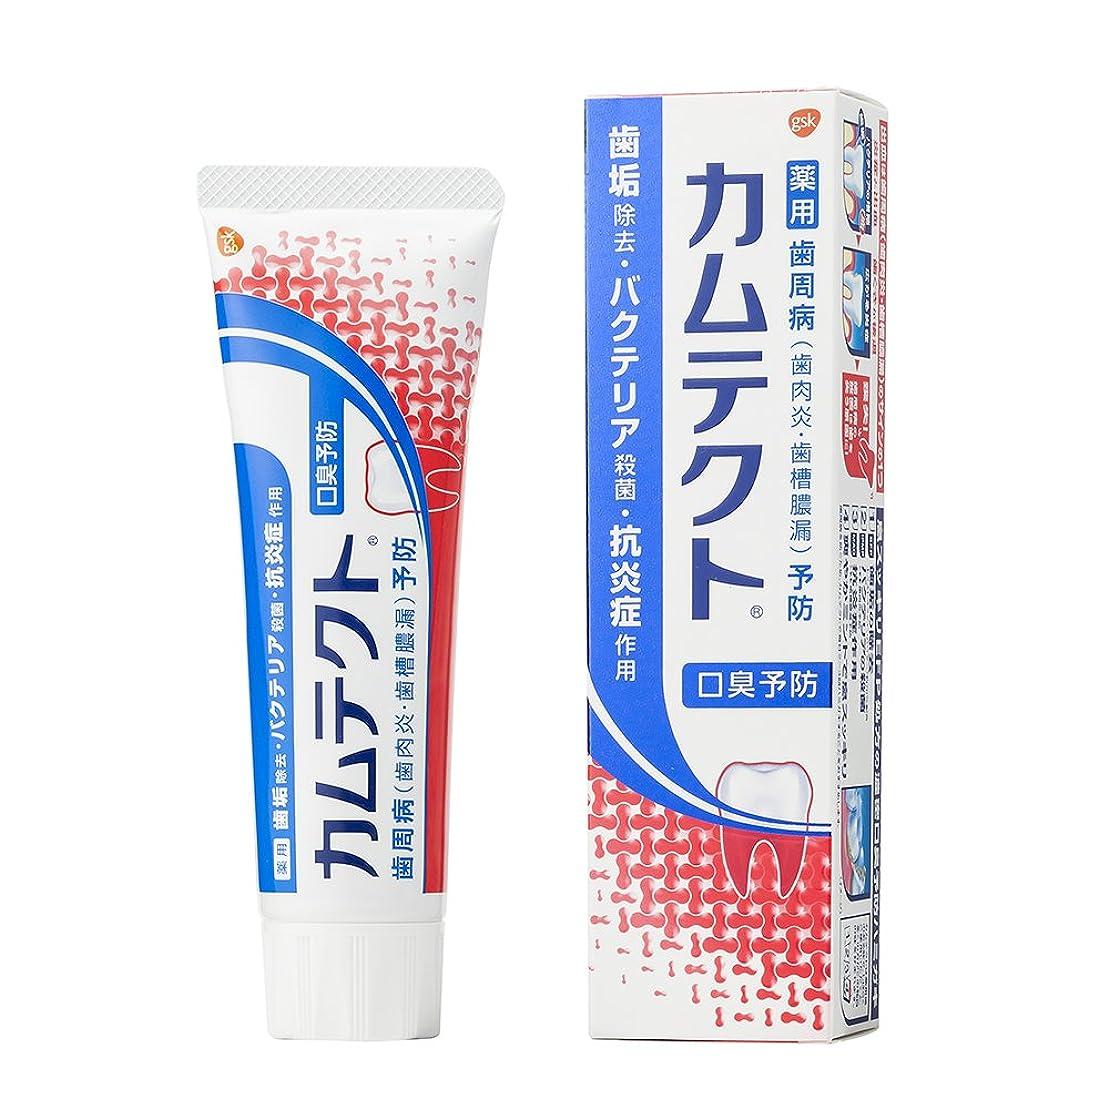 メイト花定期的[医薬部外品]カムテクト 口臭予防 歯周病(歯肉炎?歯槽膿漏) 予防 歯みがき粉 105g